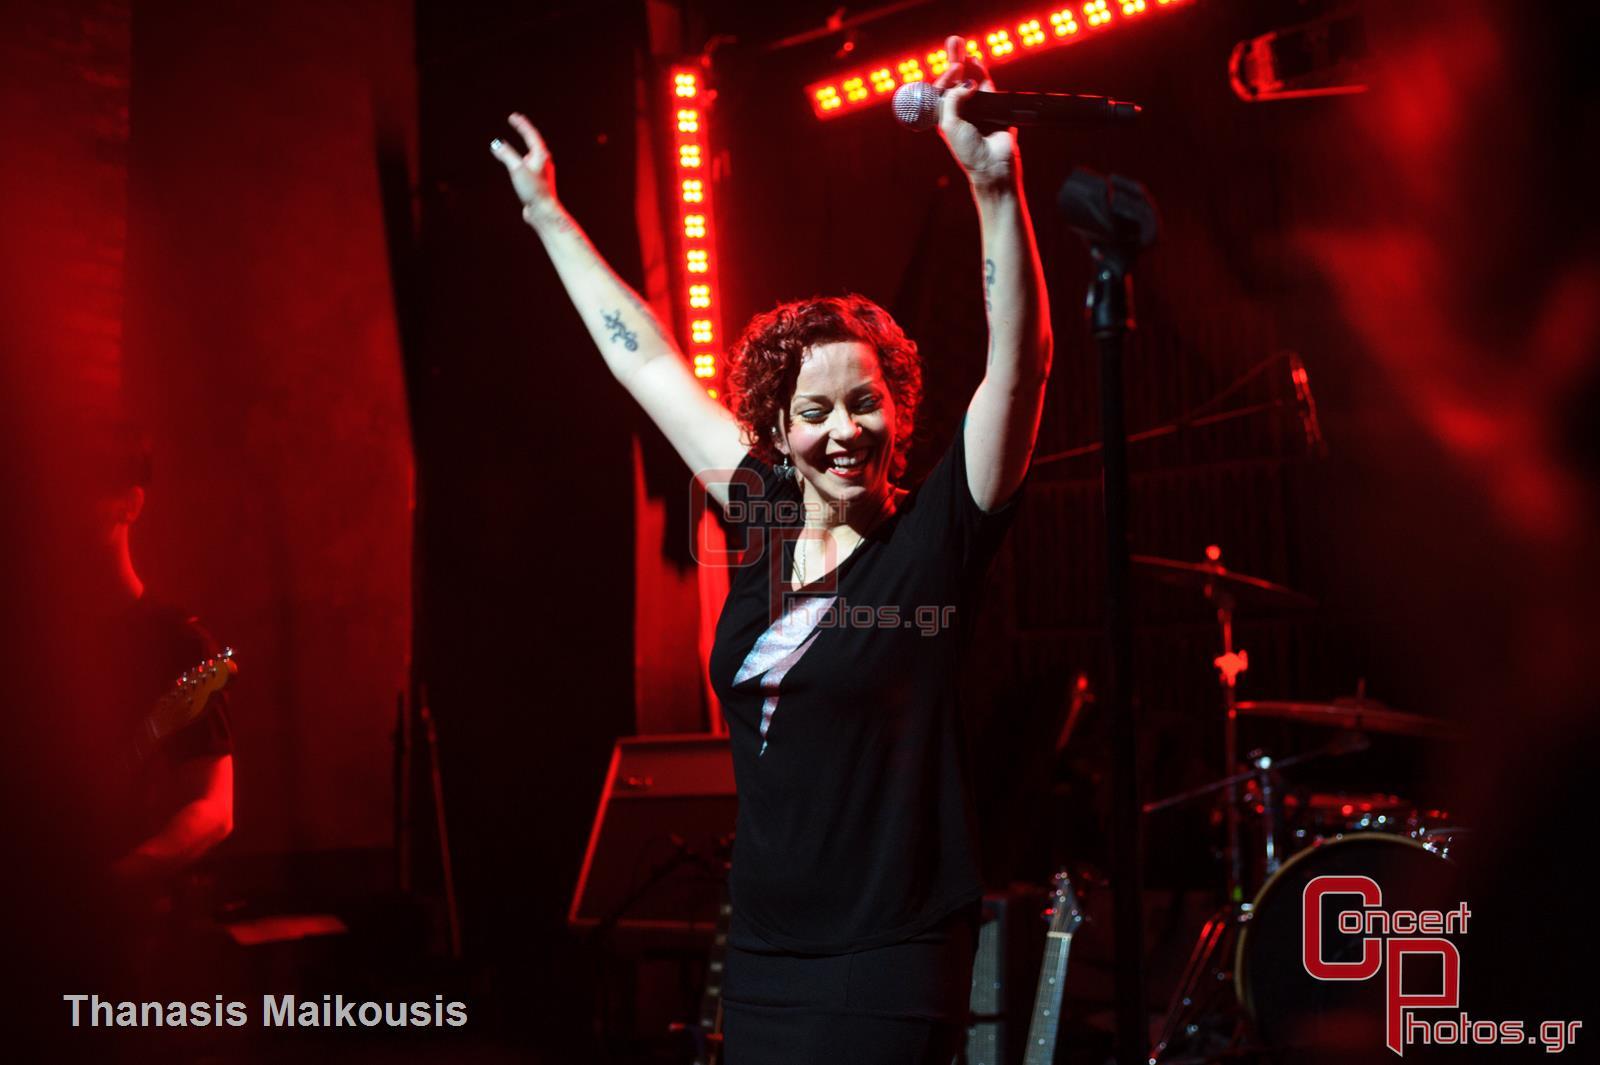 Anneke van Giersbergen-Anneke van Giersbergen photographer: Thanasis Maikousis - ConcertPhotos-0503